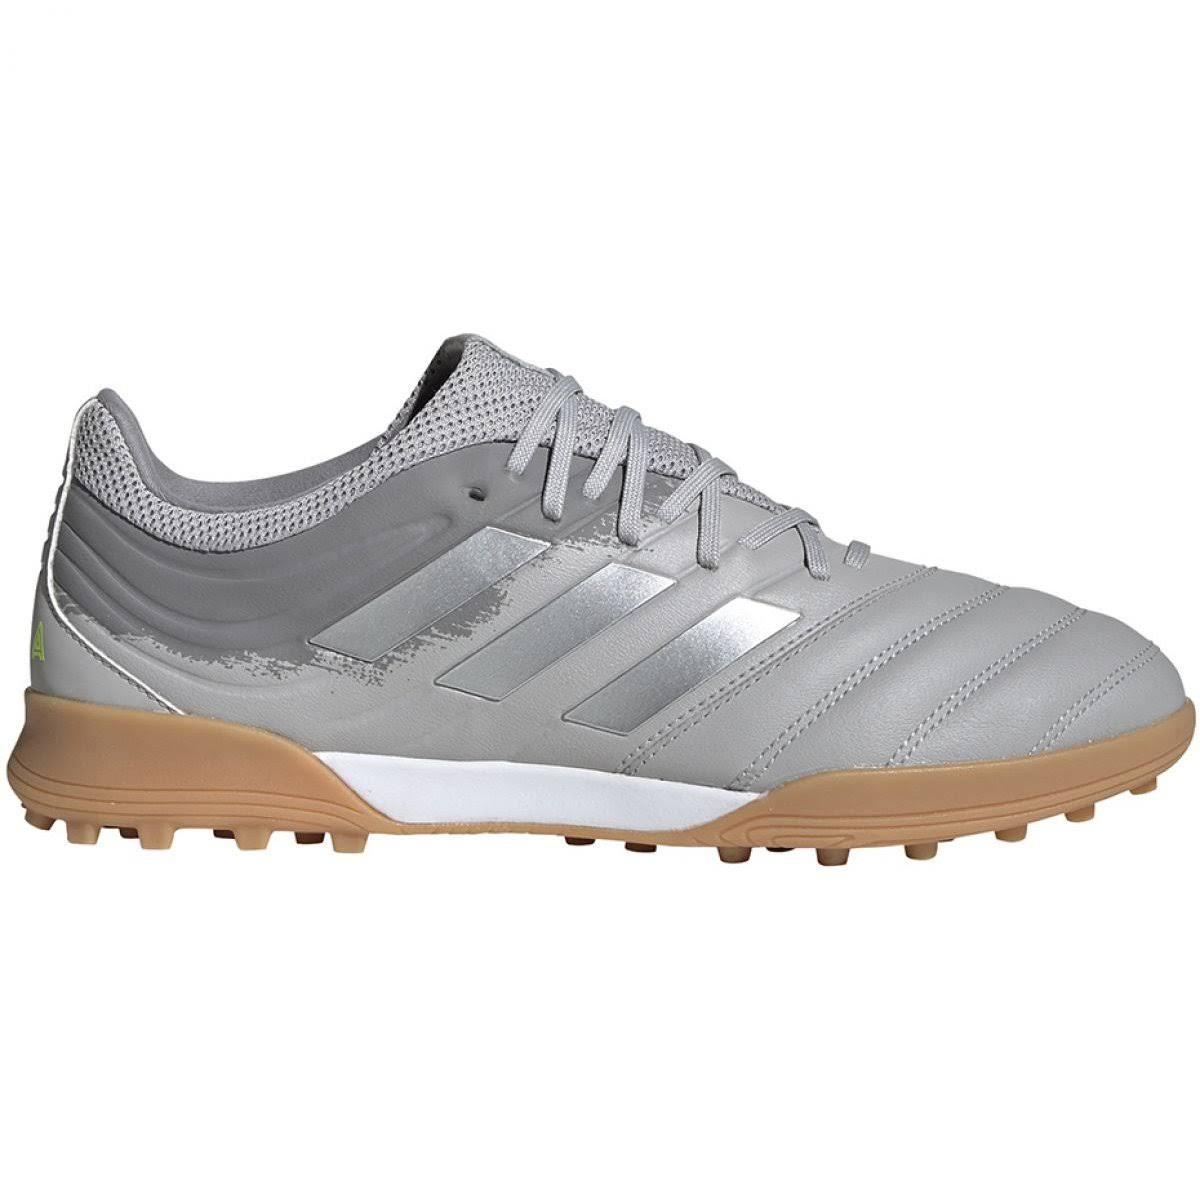 Adidas Copa 20.3 Turf Boots Football - Grey